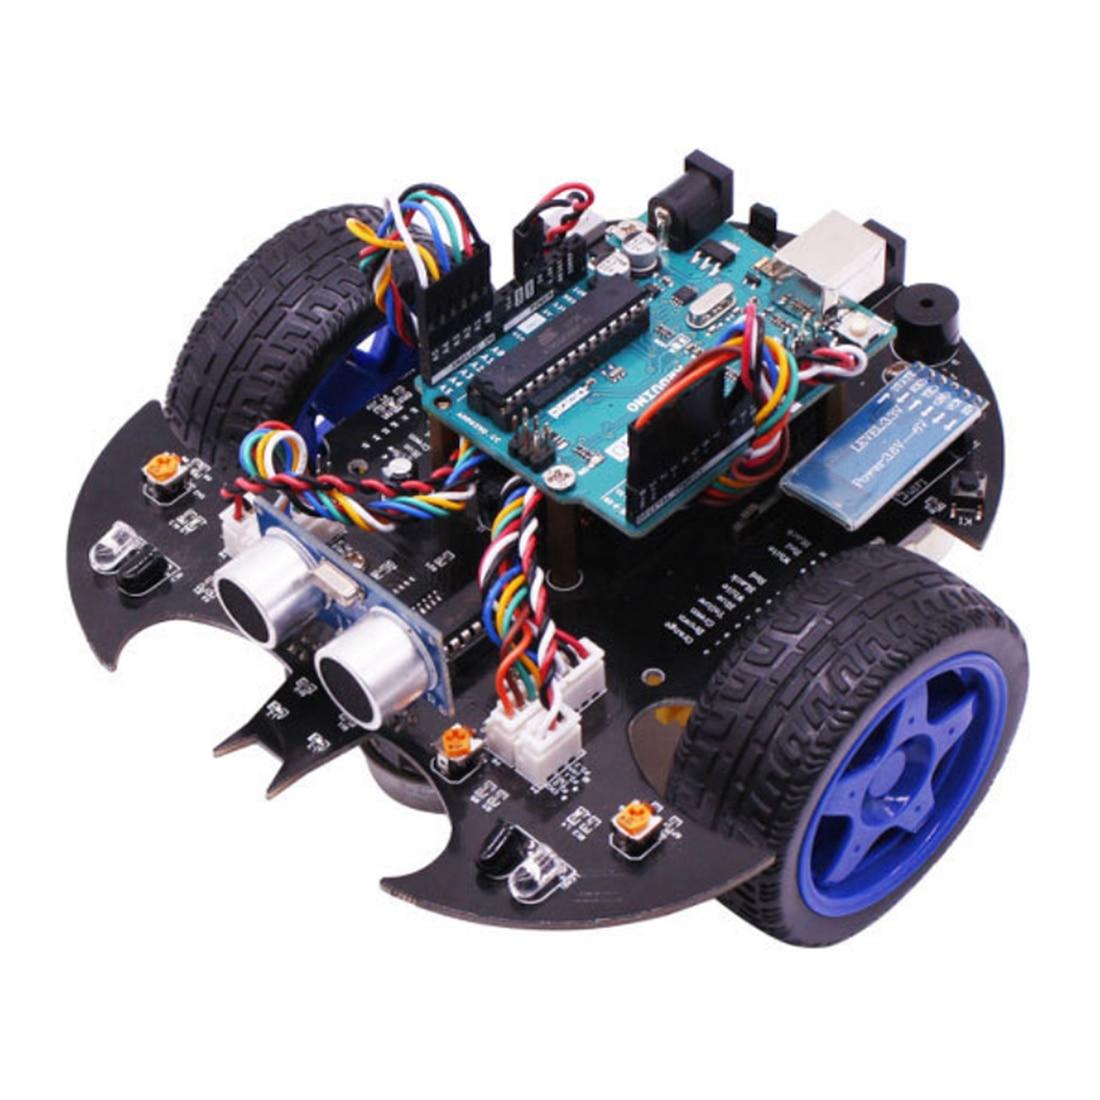 Kit de vapeur modèle de démarreur de voiture Robot intelligent Bat avec tutoriel jouet de tige électronique éducatif pour Arduino comprend carte mère R3